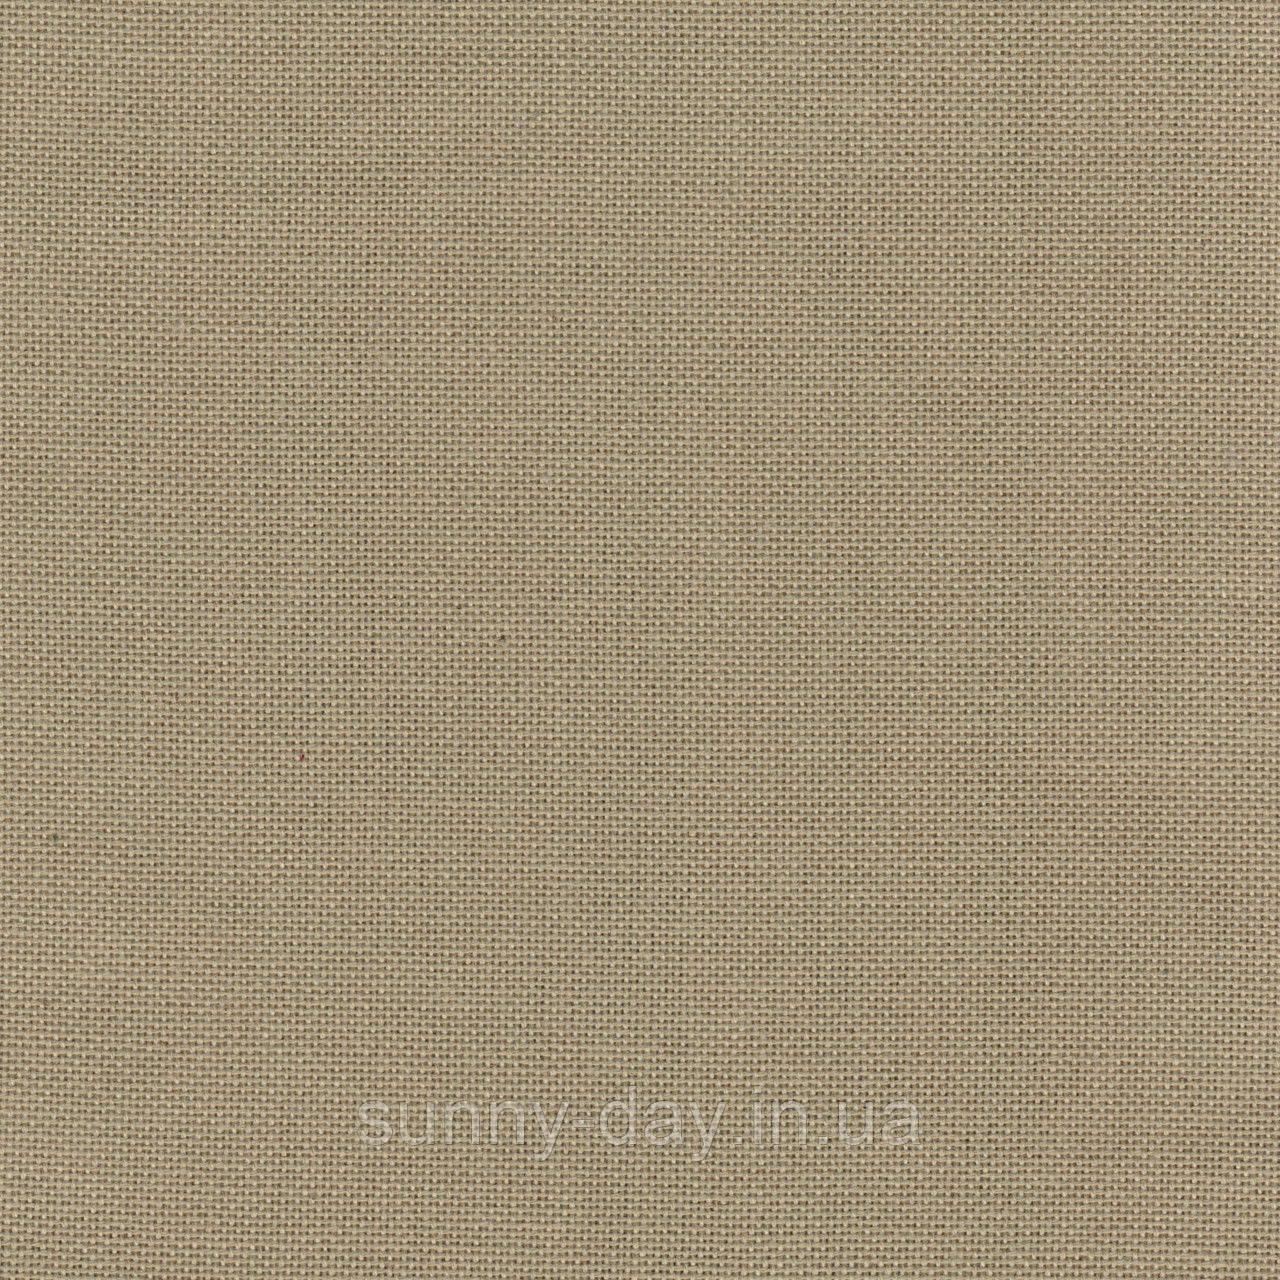 Домотканое полотно, оливковая, 50*70см